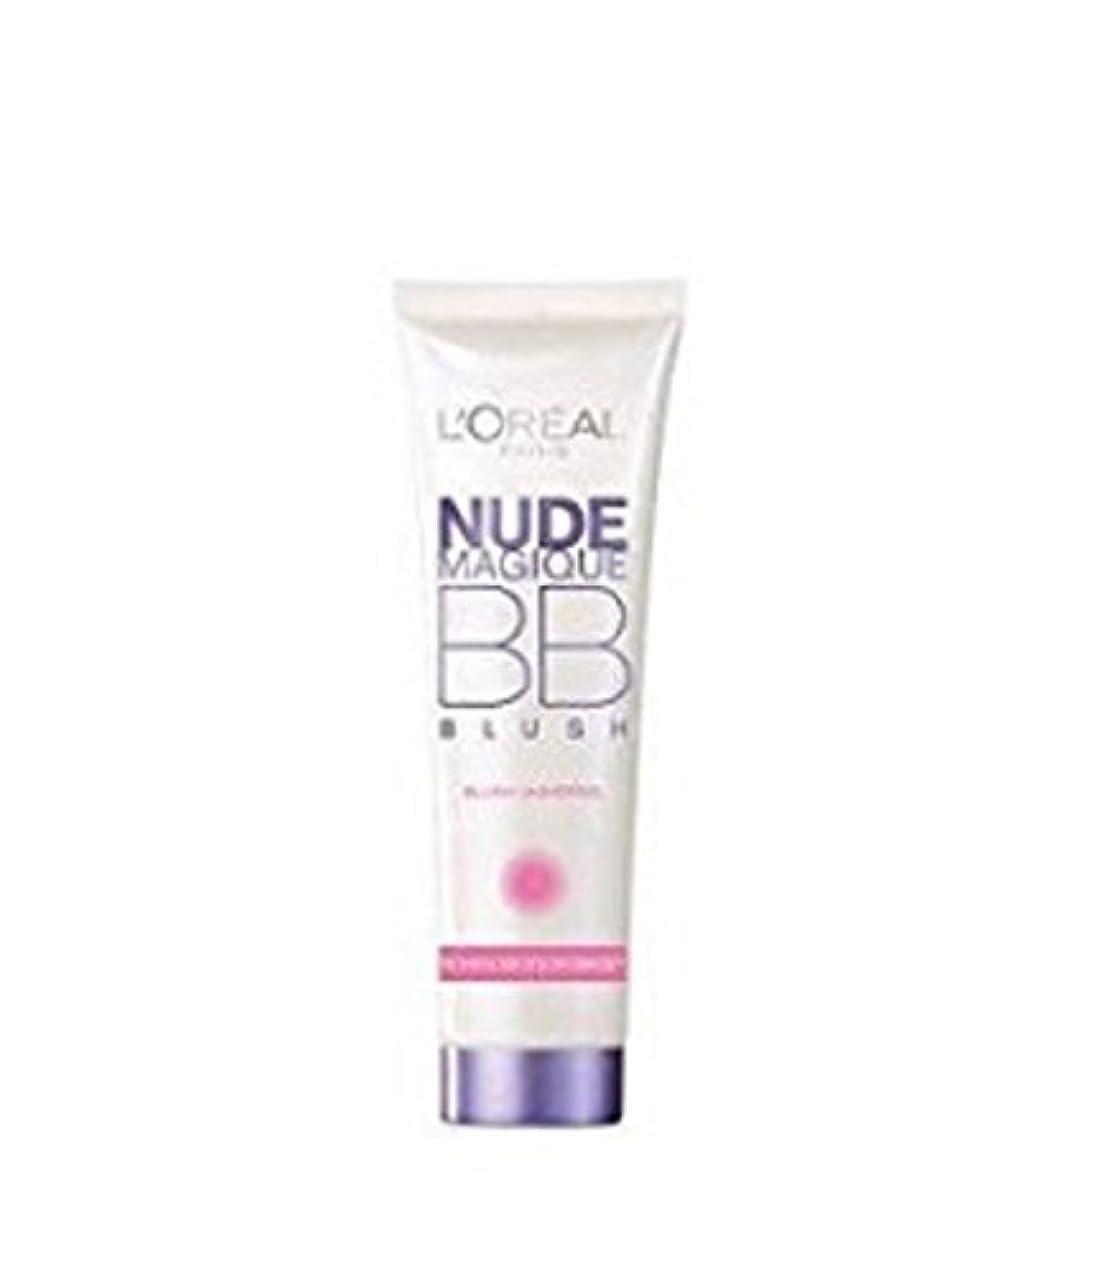 リテラシー一晩帰るL 'Oreal Magische Blush creme BB Nude 15 ml, 2 Stück